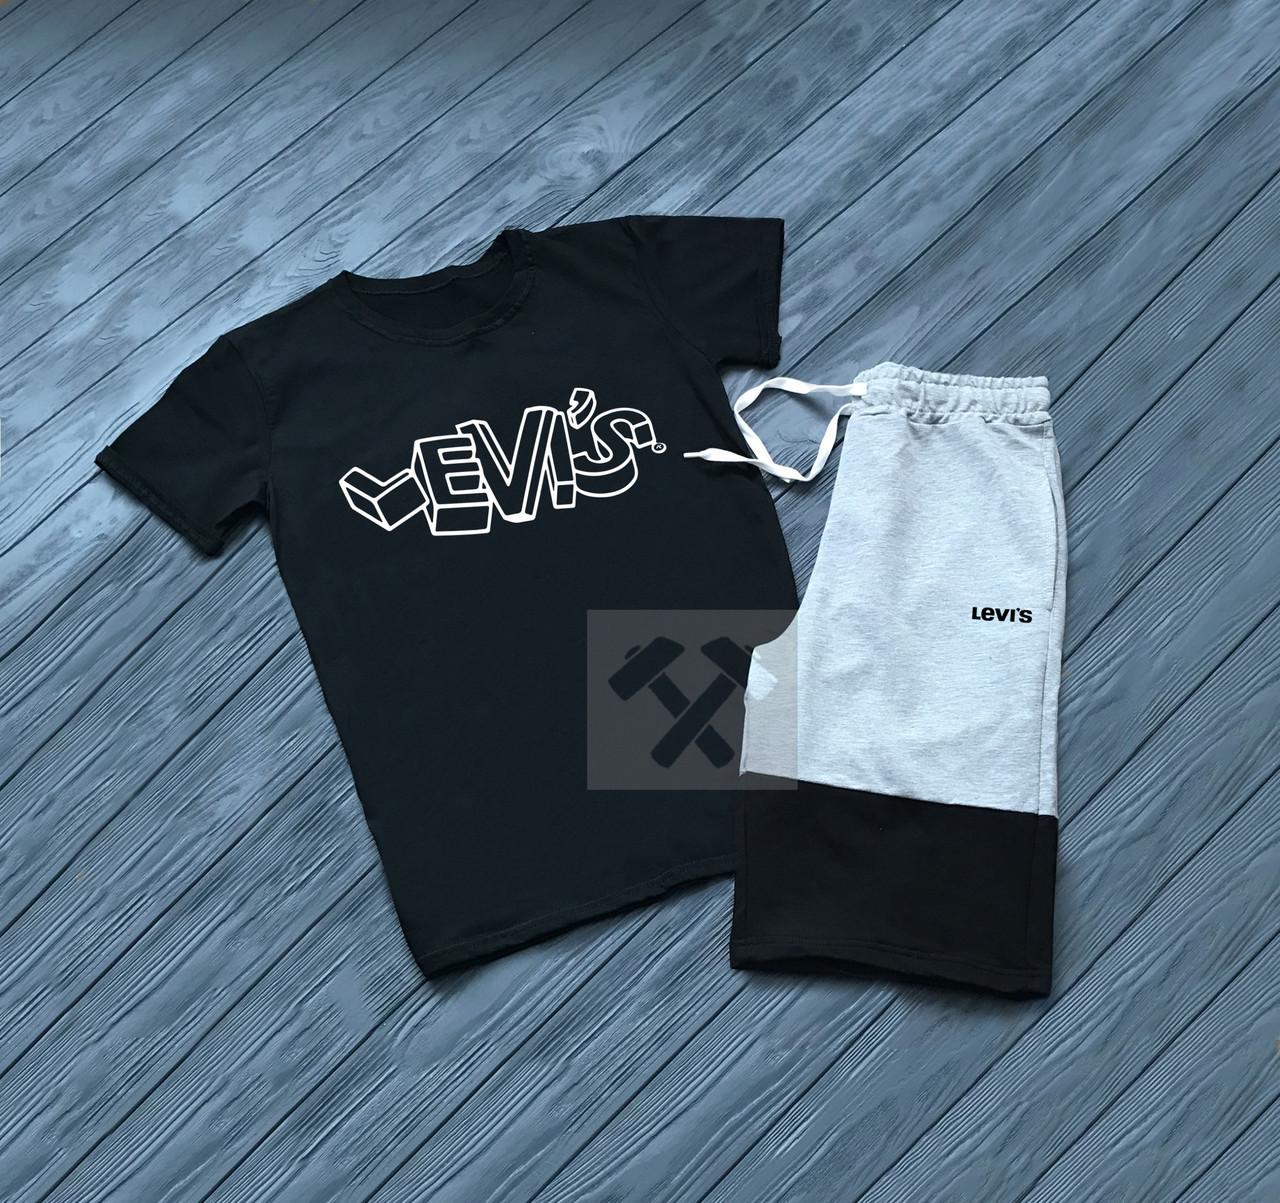 Чоловічий комплект футболка + шортыв стилі Levis чорного і сірого кольору